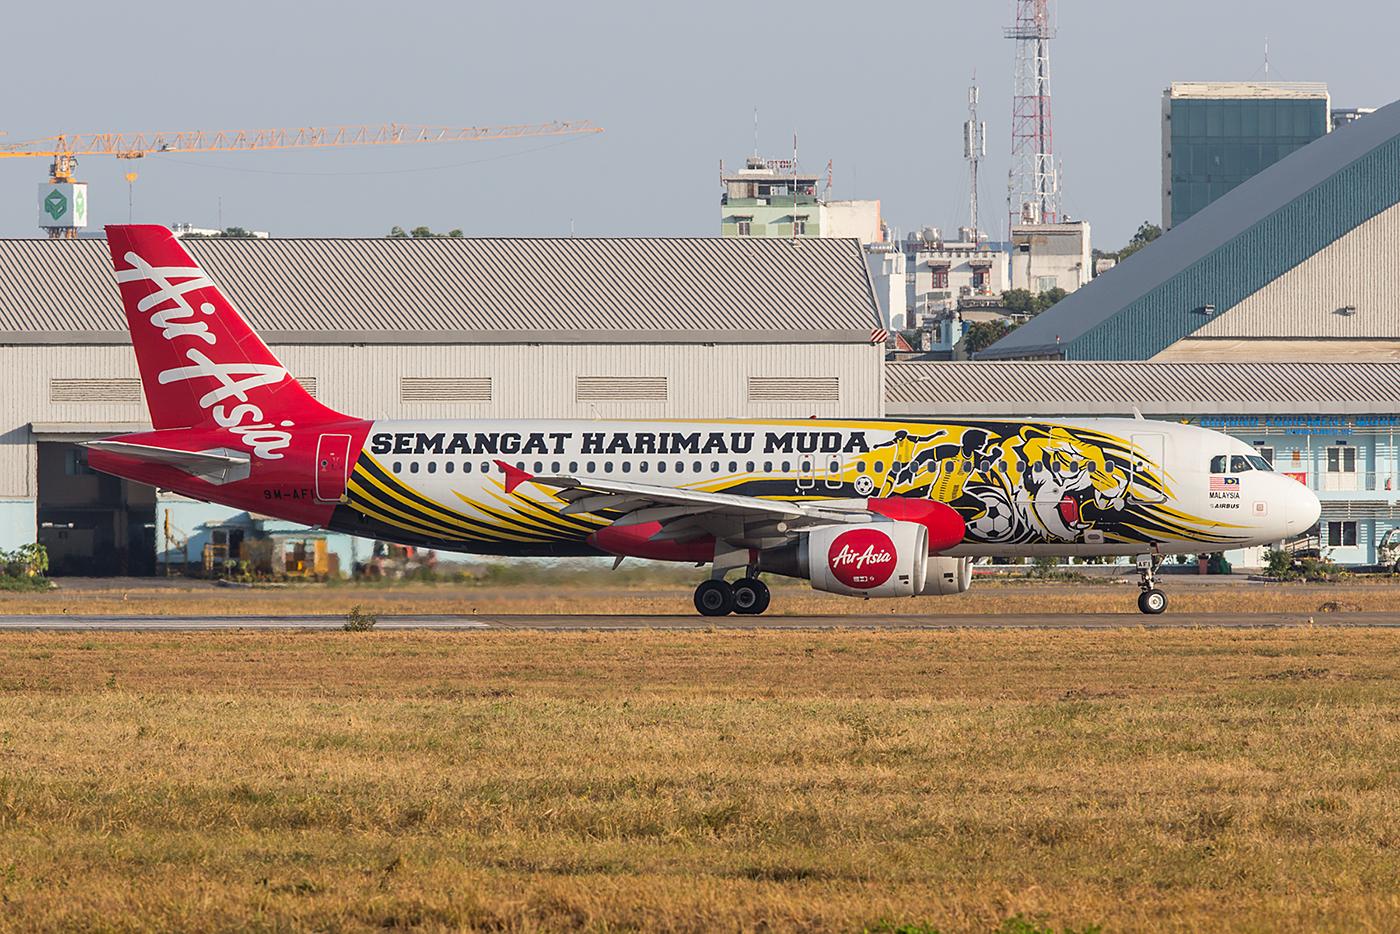 Einer der zahlreichen bunten A320 der AirAsia aus Malaysia.